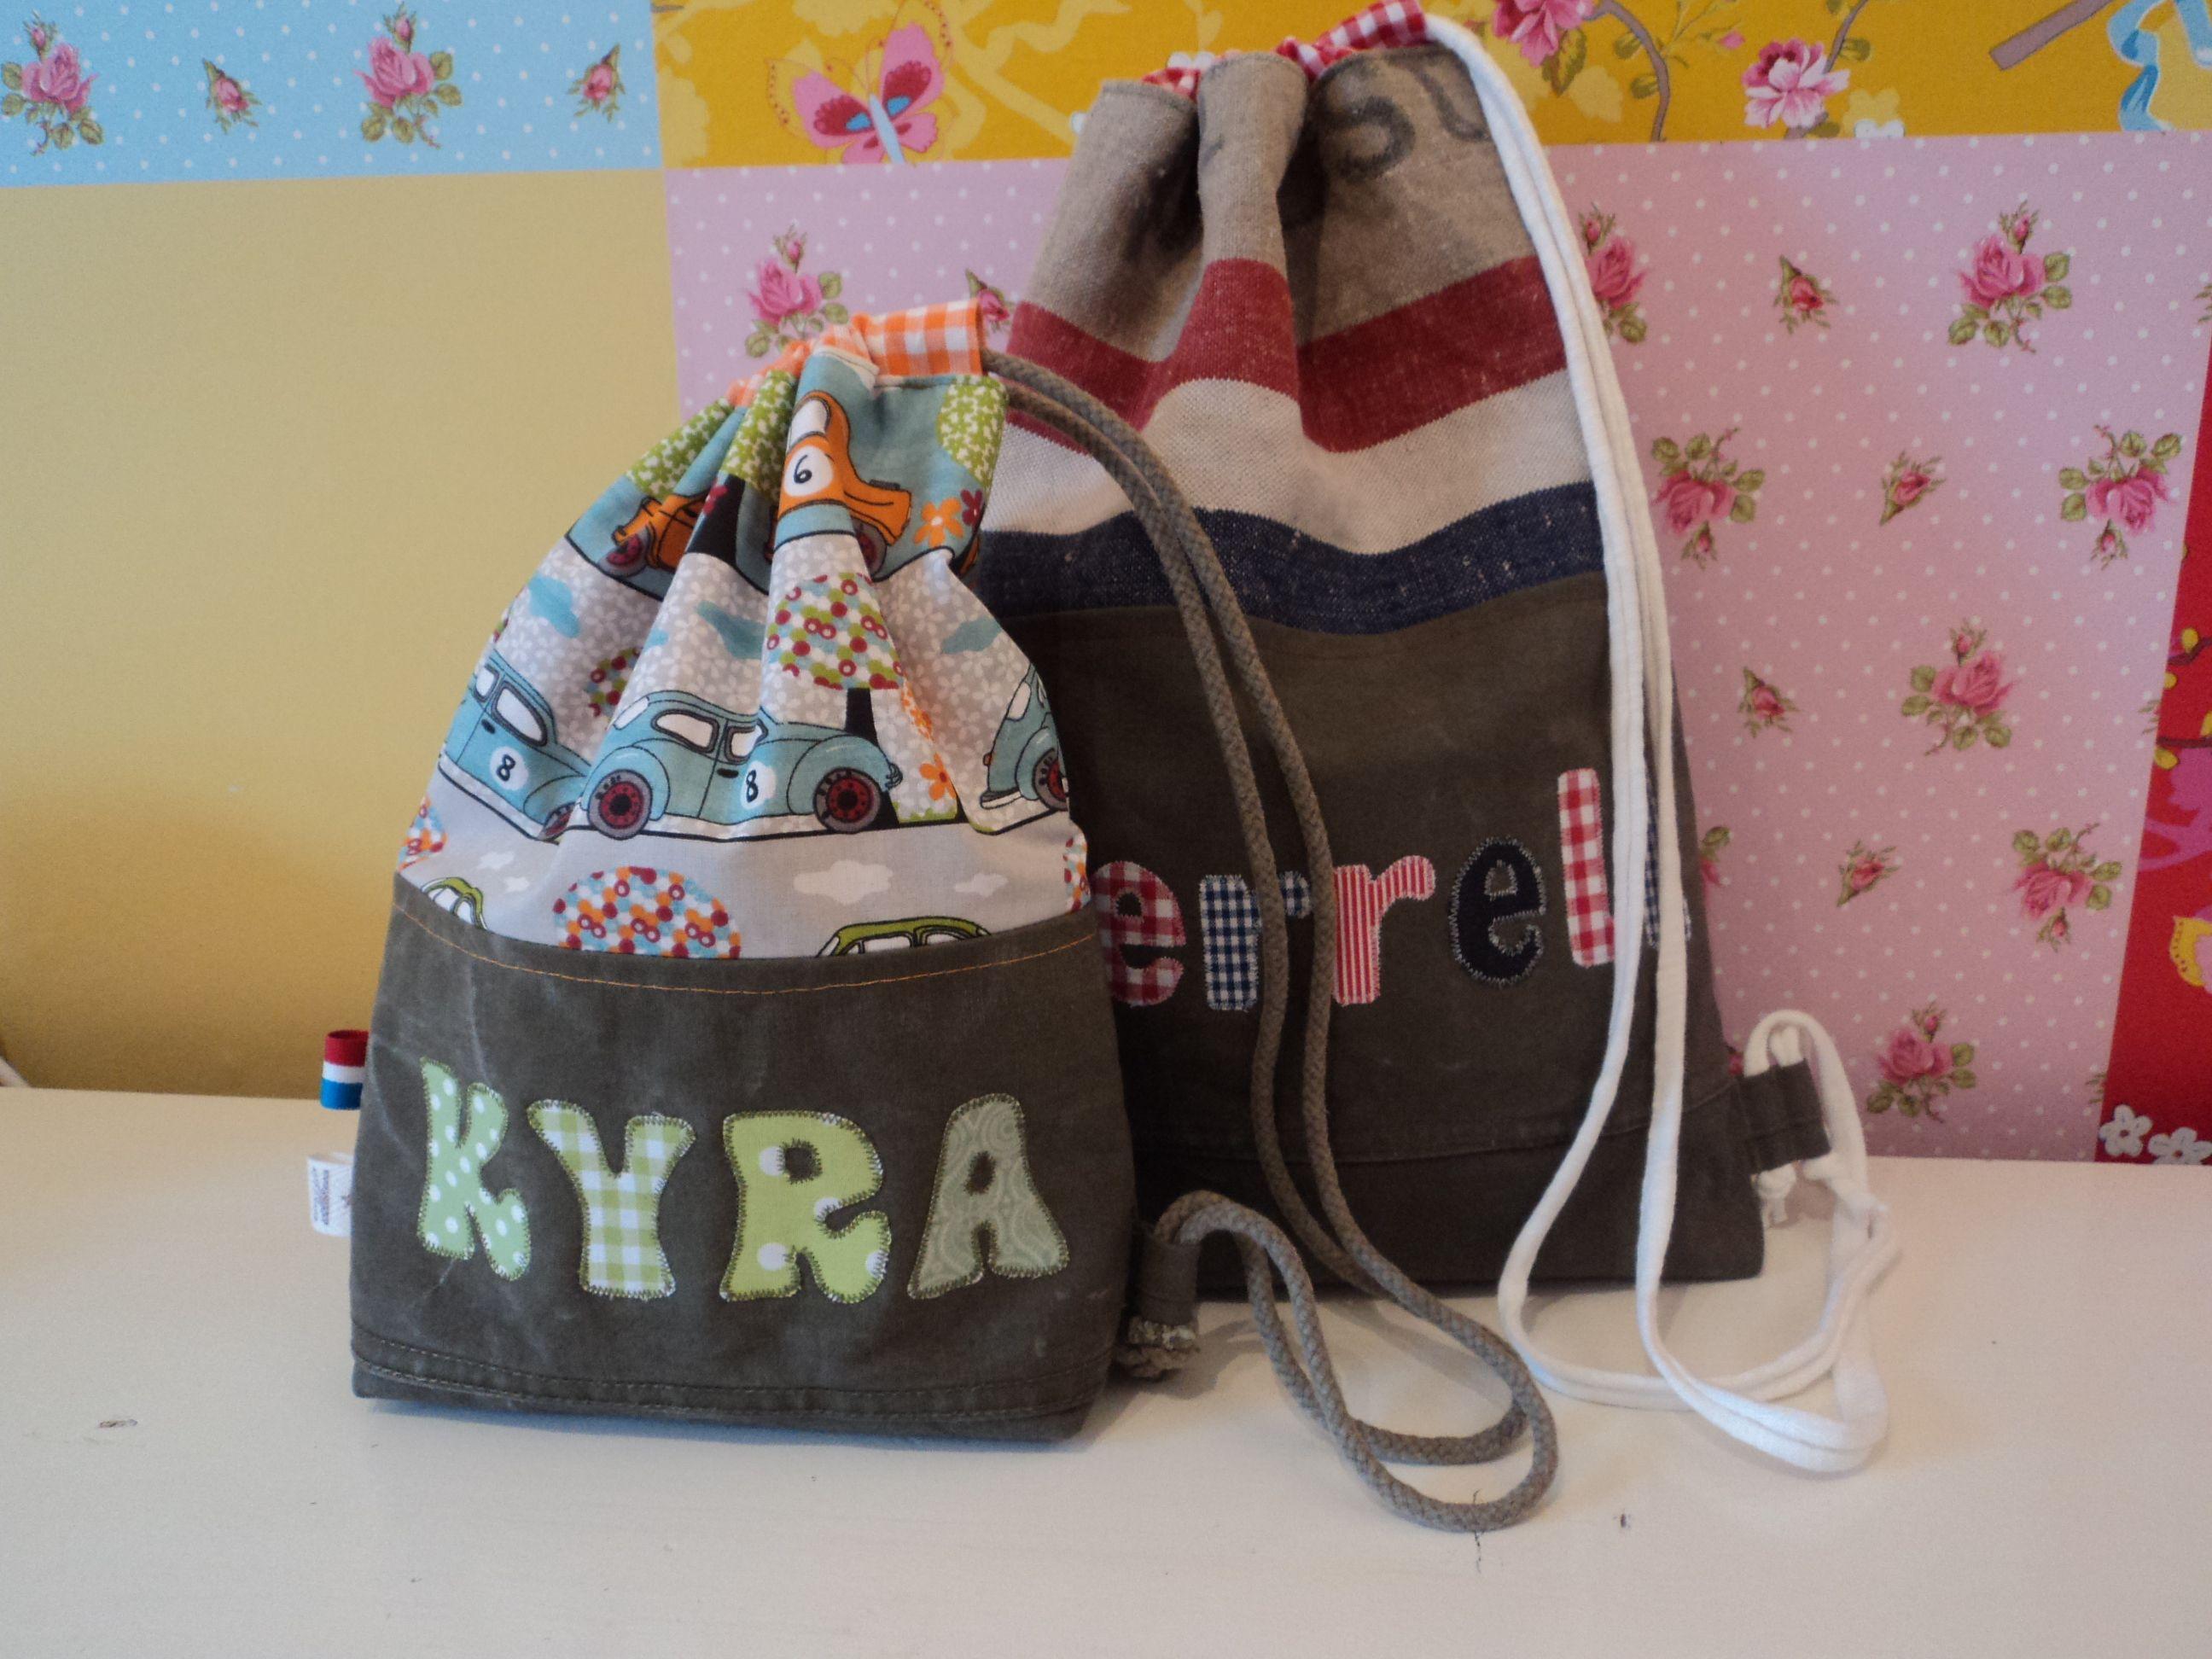 Tas met naam voor speelgoed, gym kleding ed, made by Noekies.